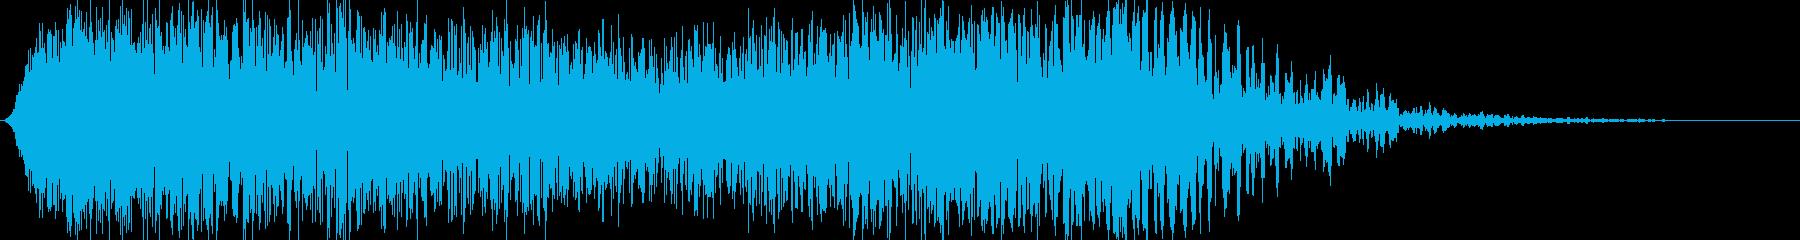 ご注意の再生済みの波形